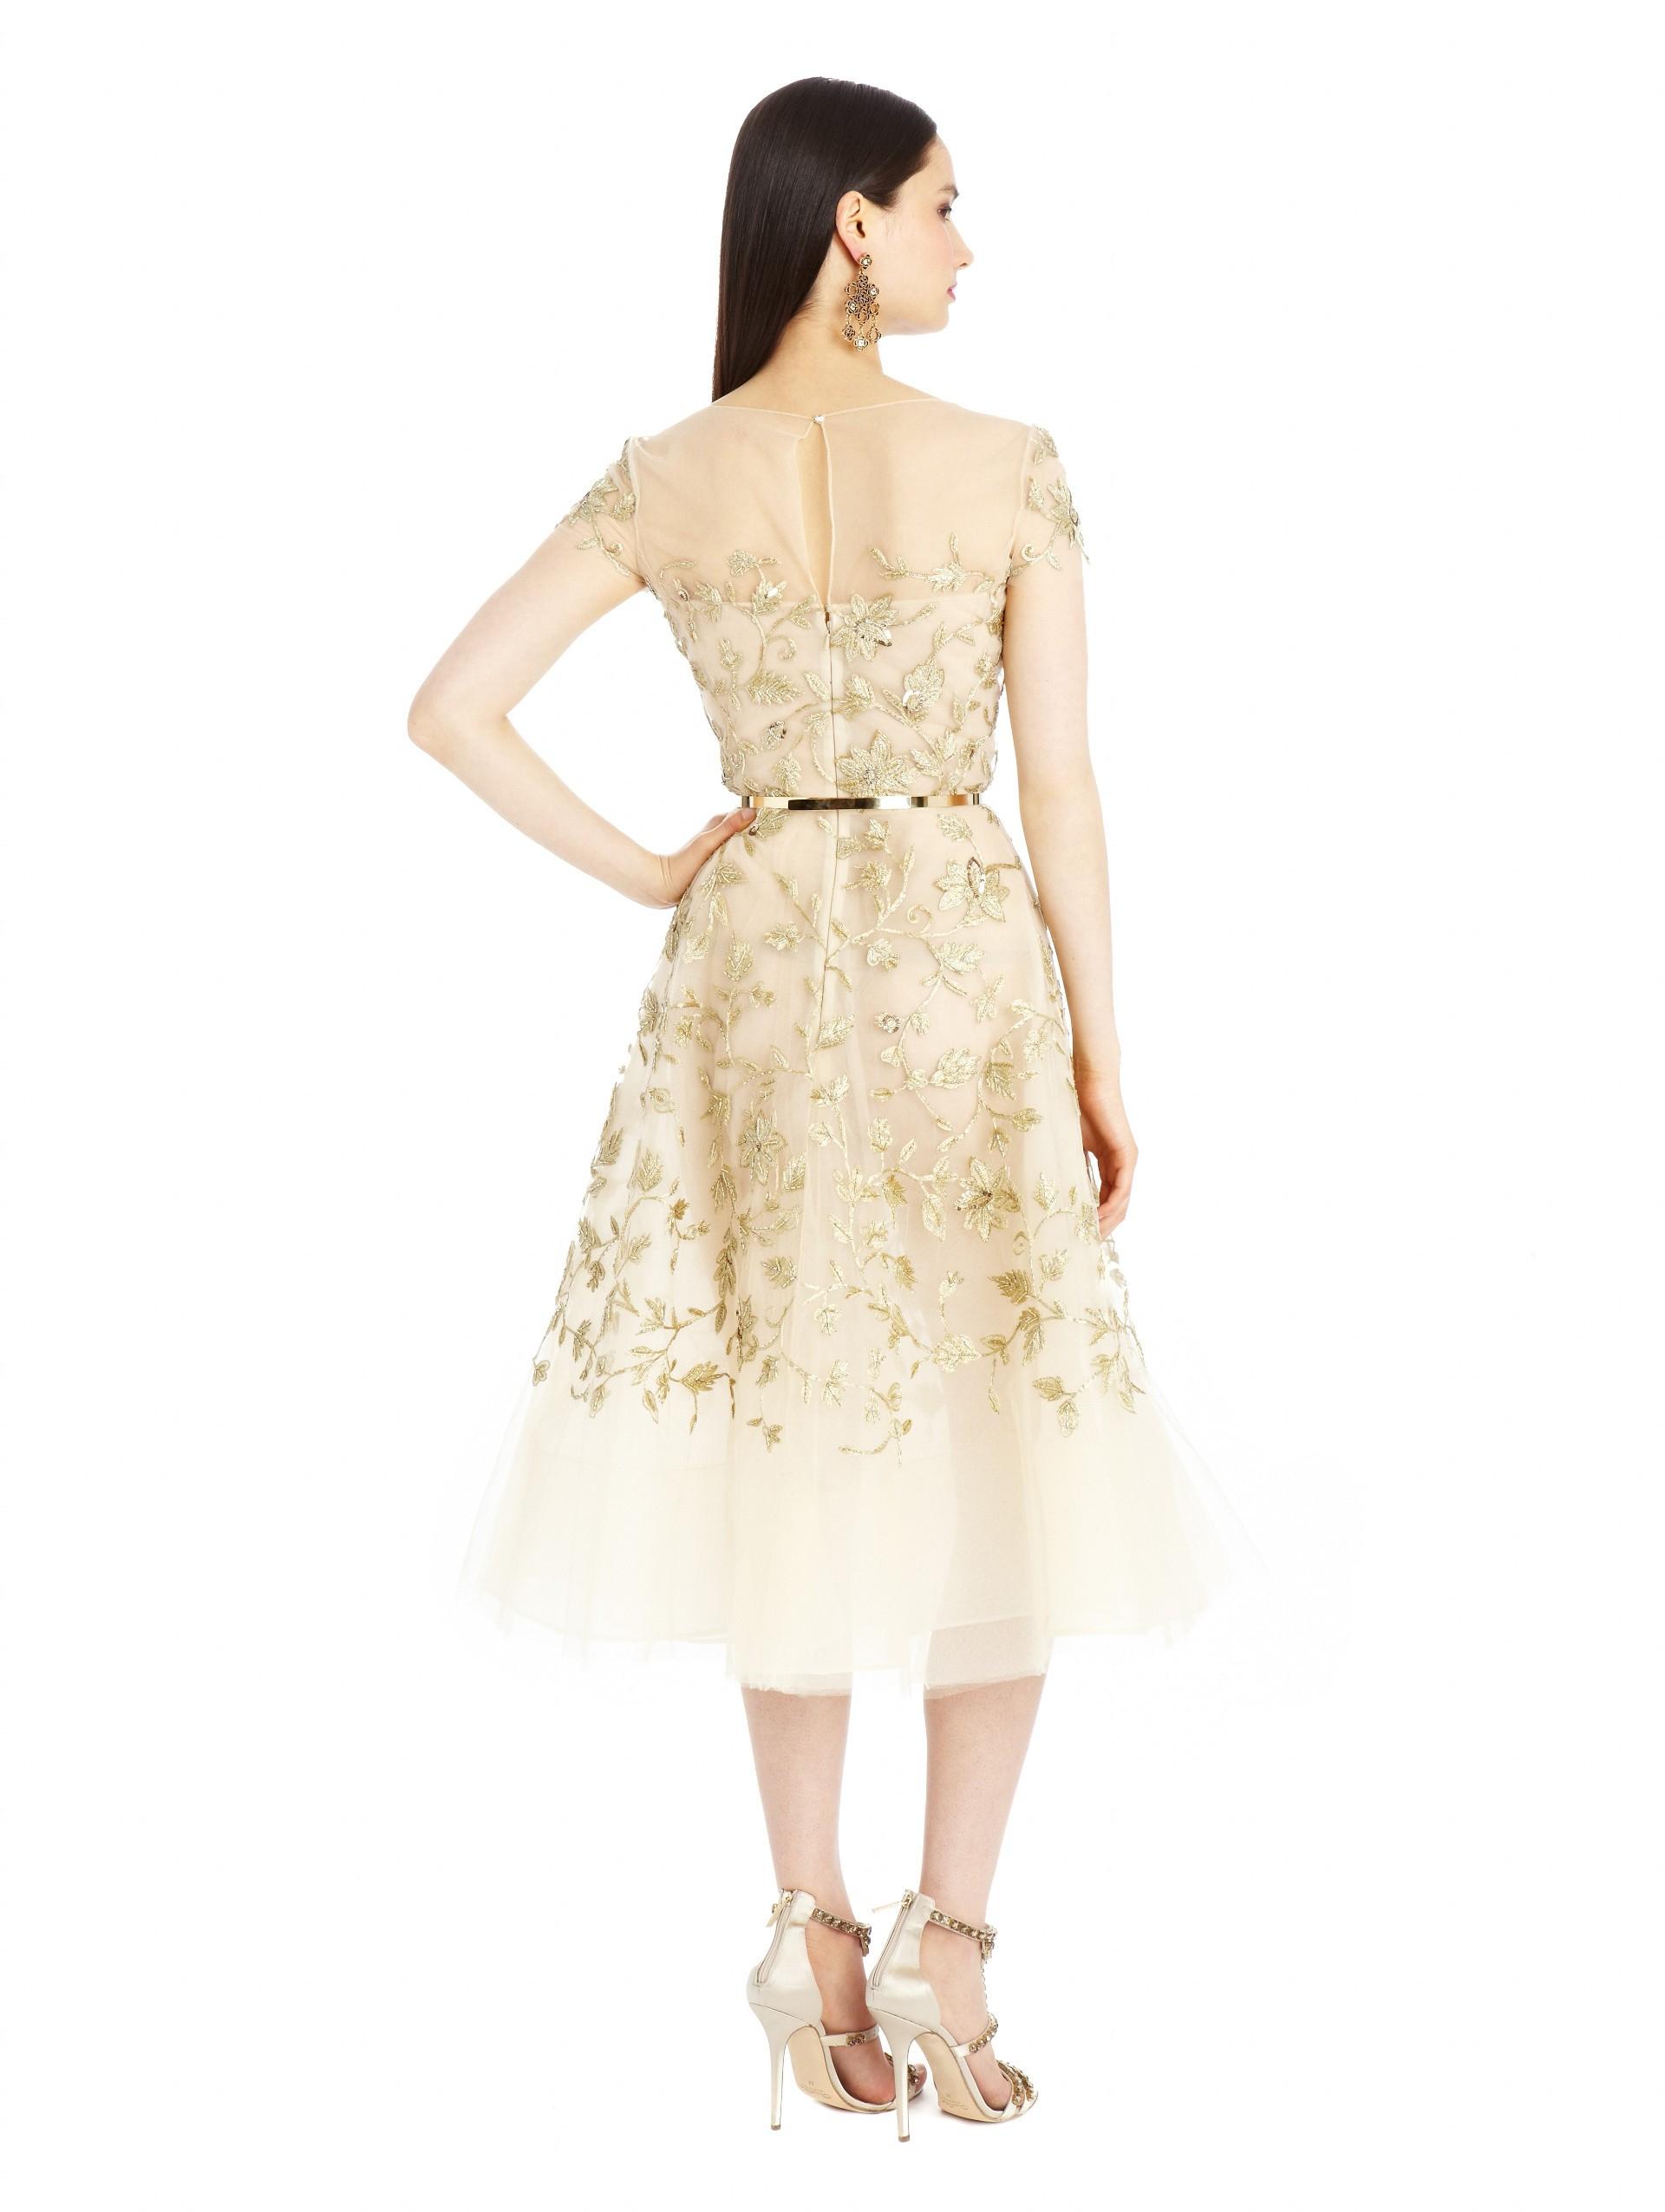 lyst oscar de la renta gold floral embroidered tulle dress in metallic. Black Bedroom Furniture Sets. Home Design Ideas